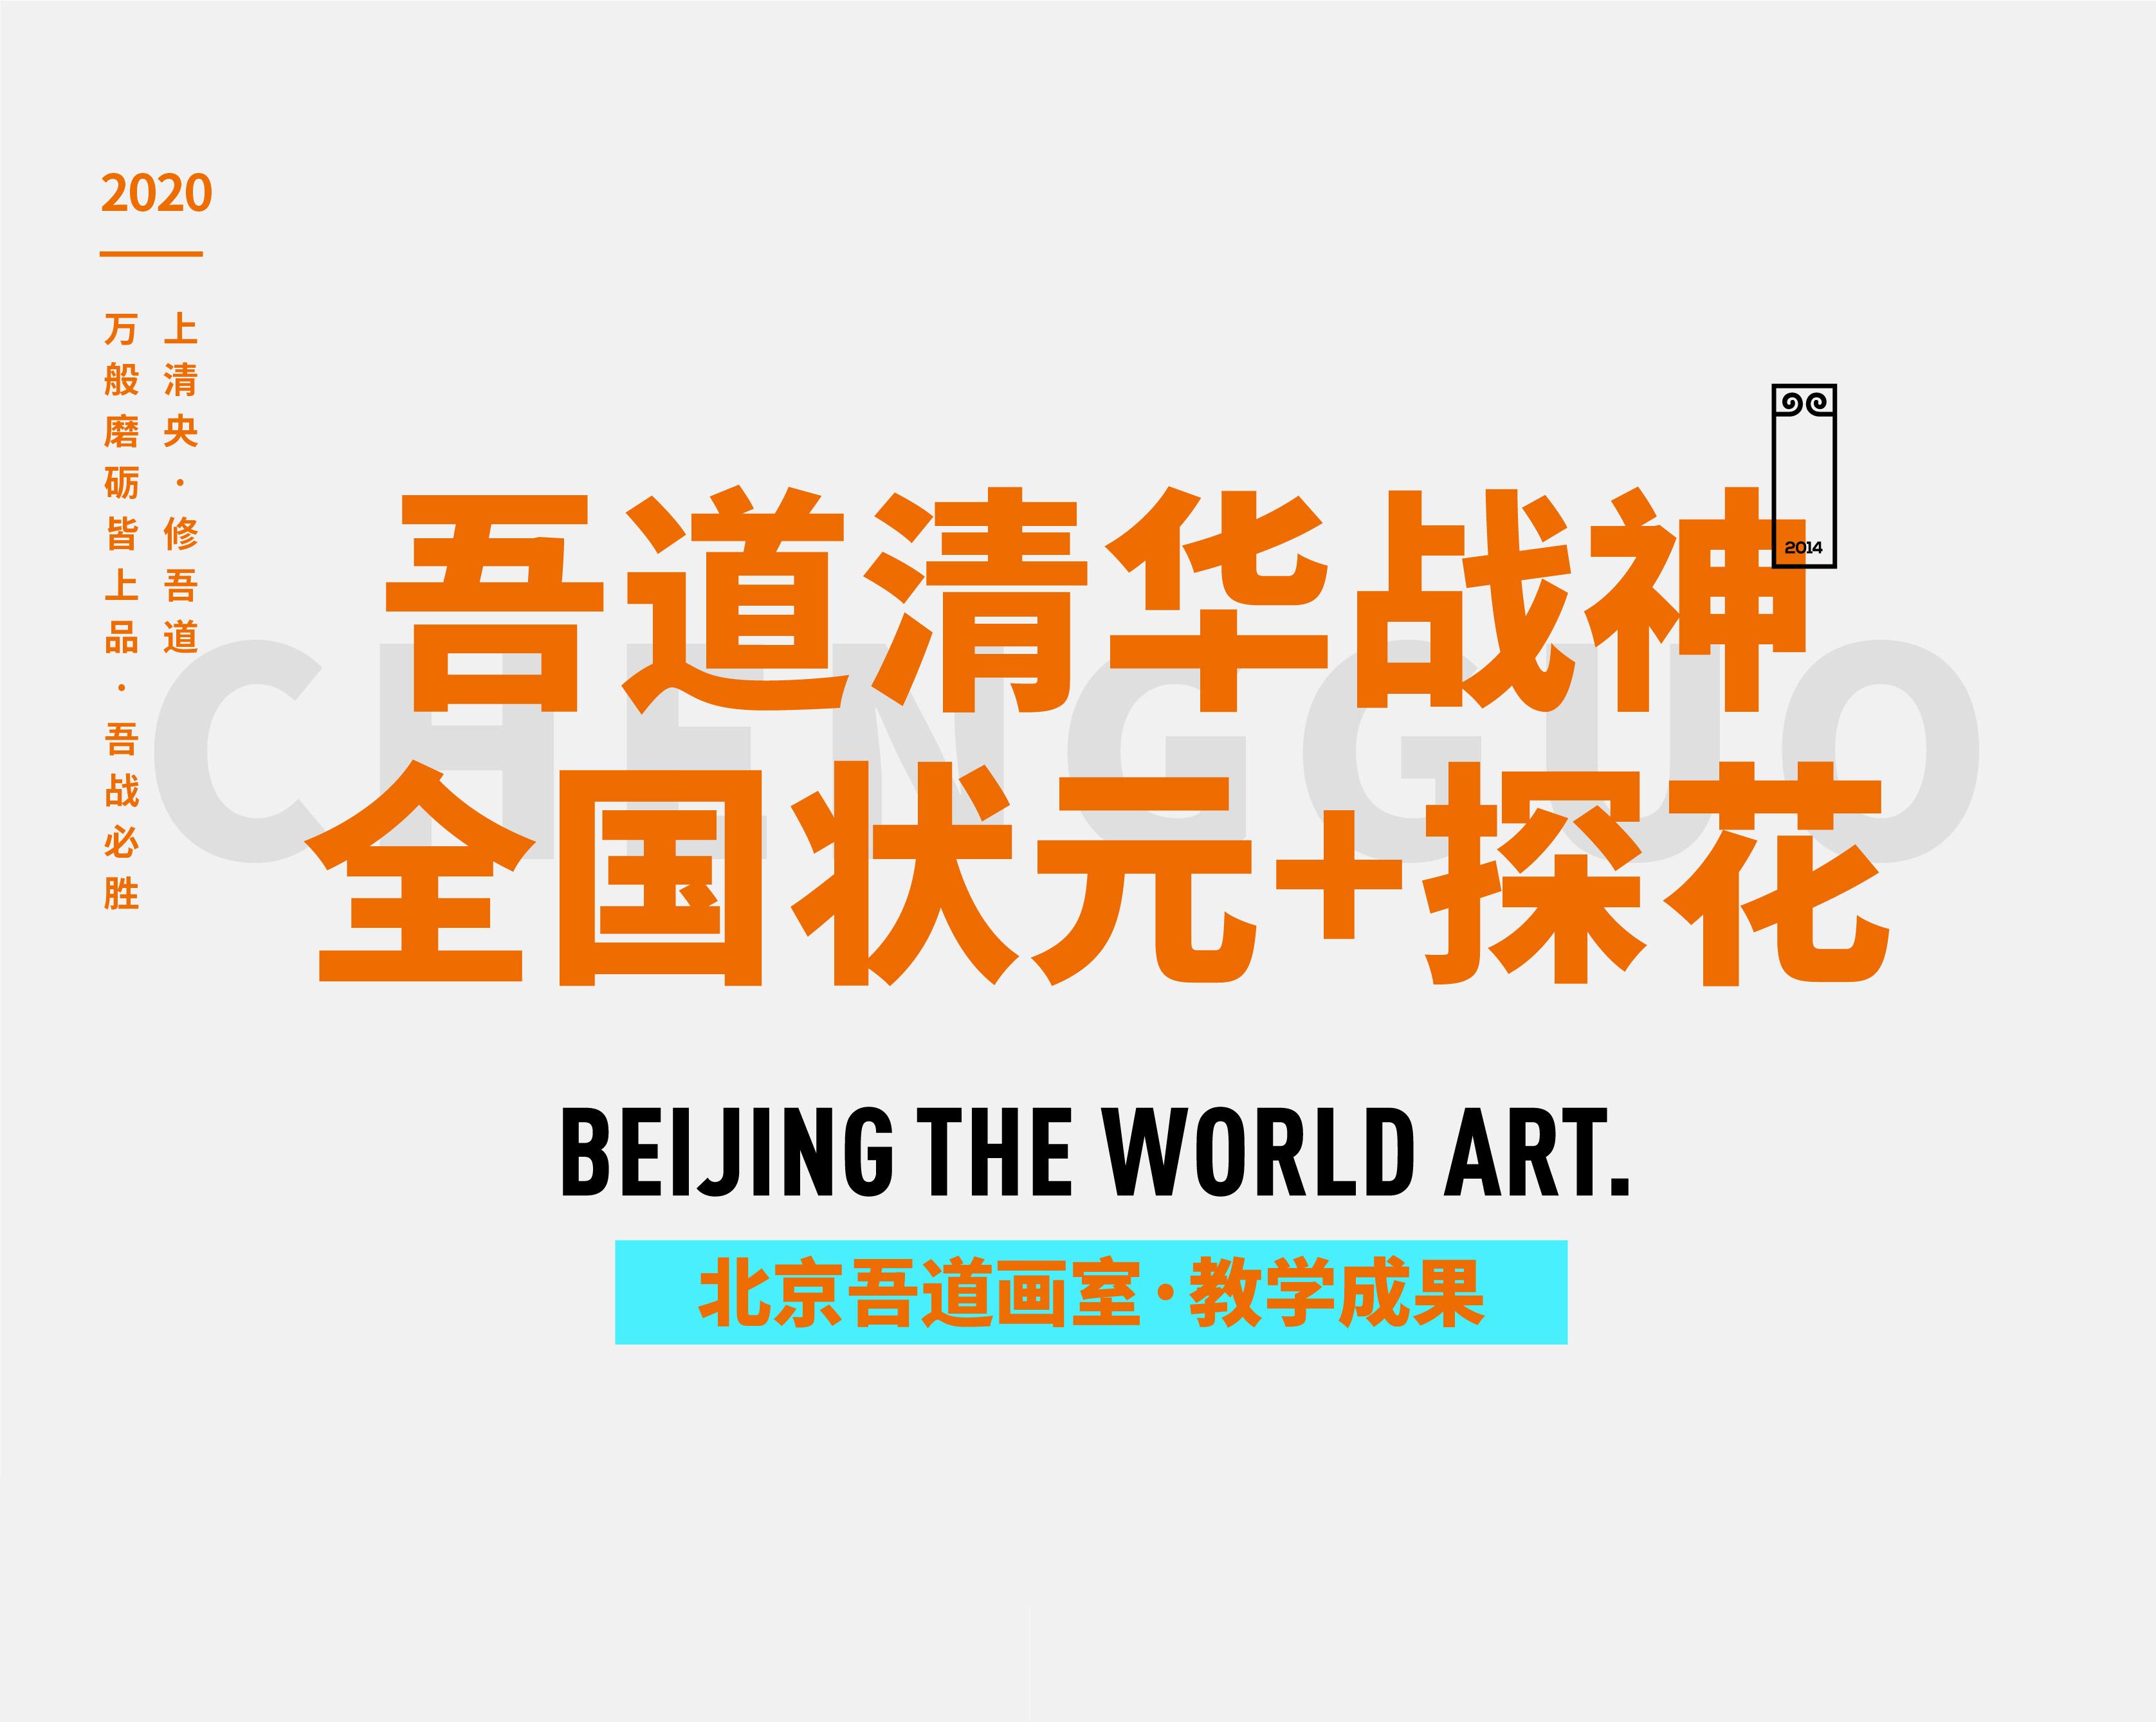 吾道战神·张艺涵丨清华设计全国第三名,速写单科全国状元